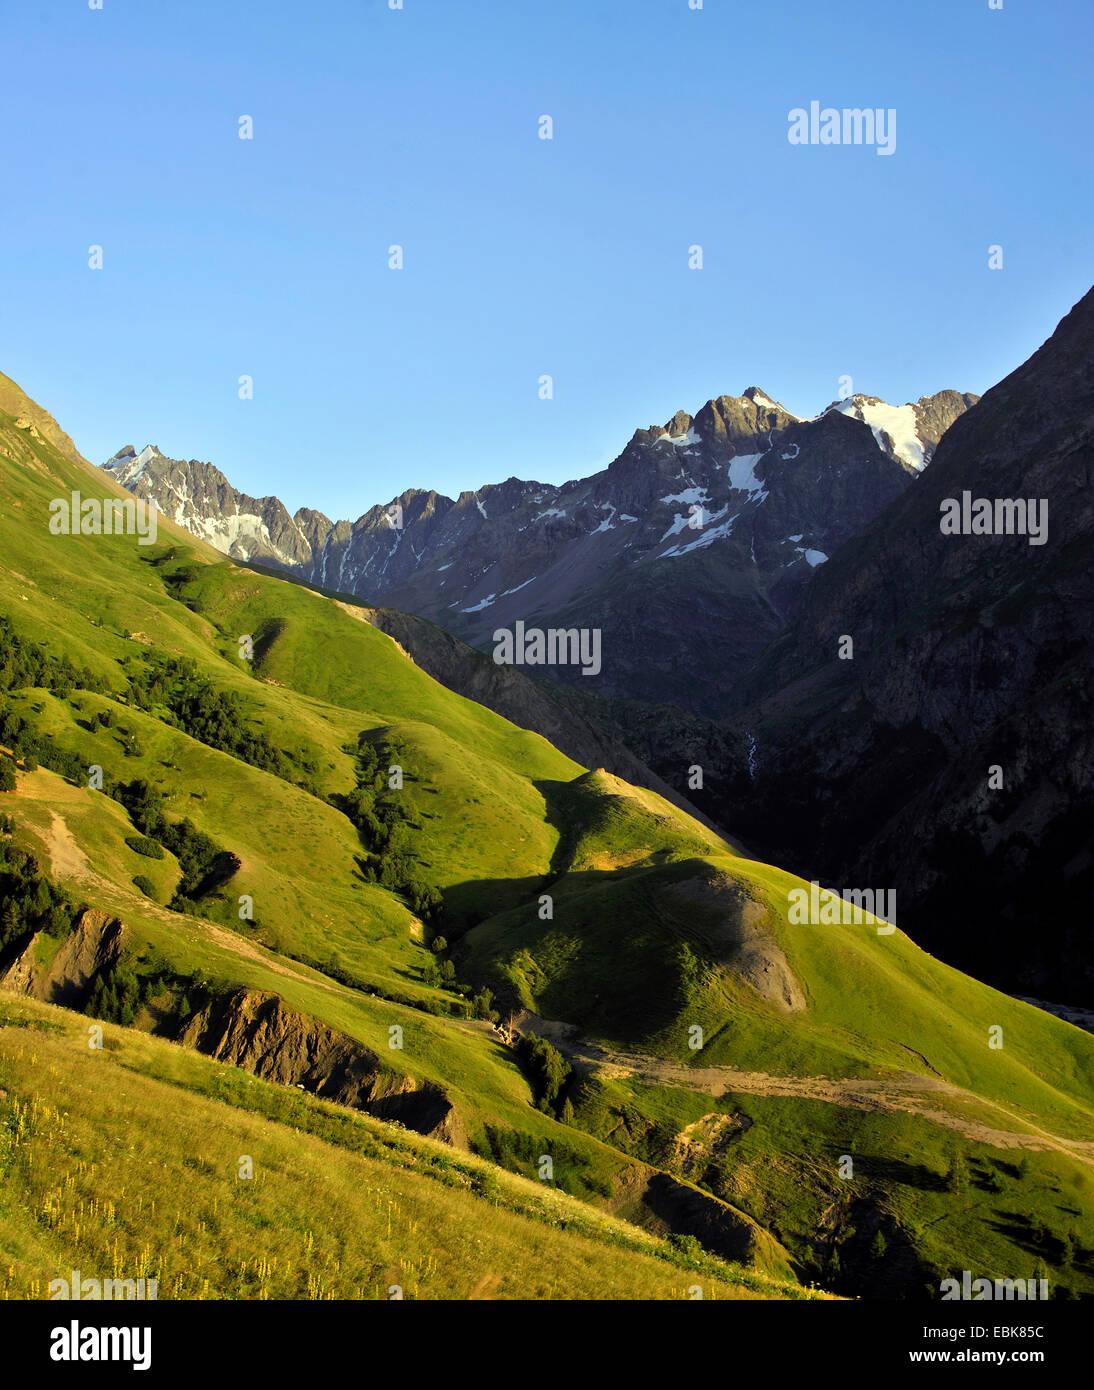 Montagne des Agnelli (3664 m) e del Lautaret pass presso l'crins National Park, Francia, Isre Immagini Stock